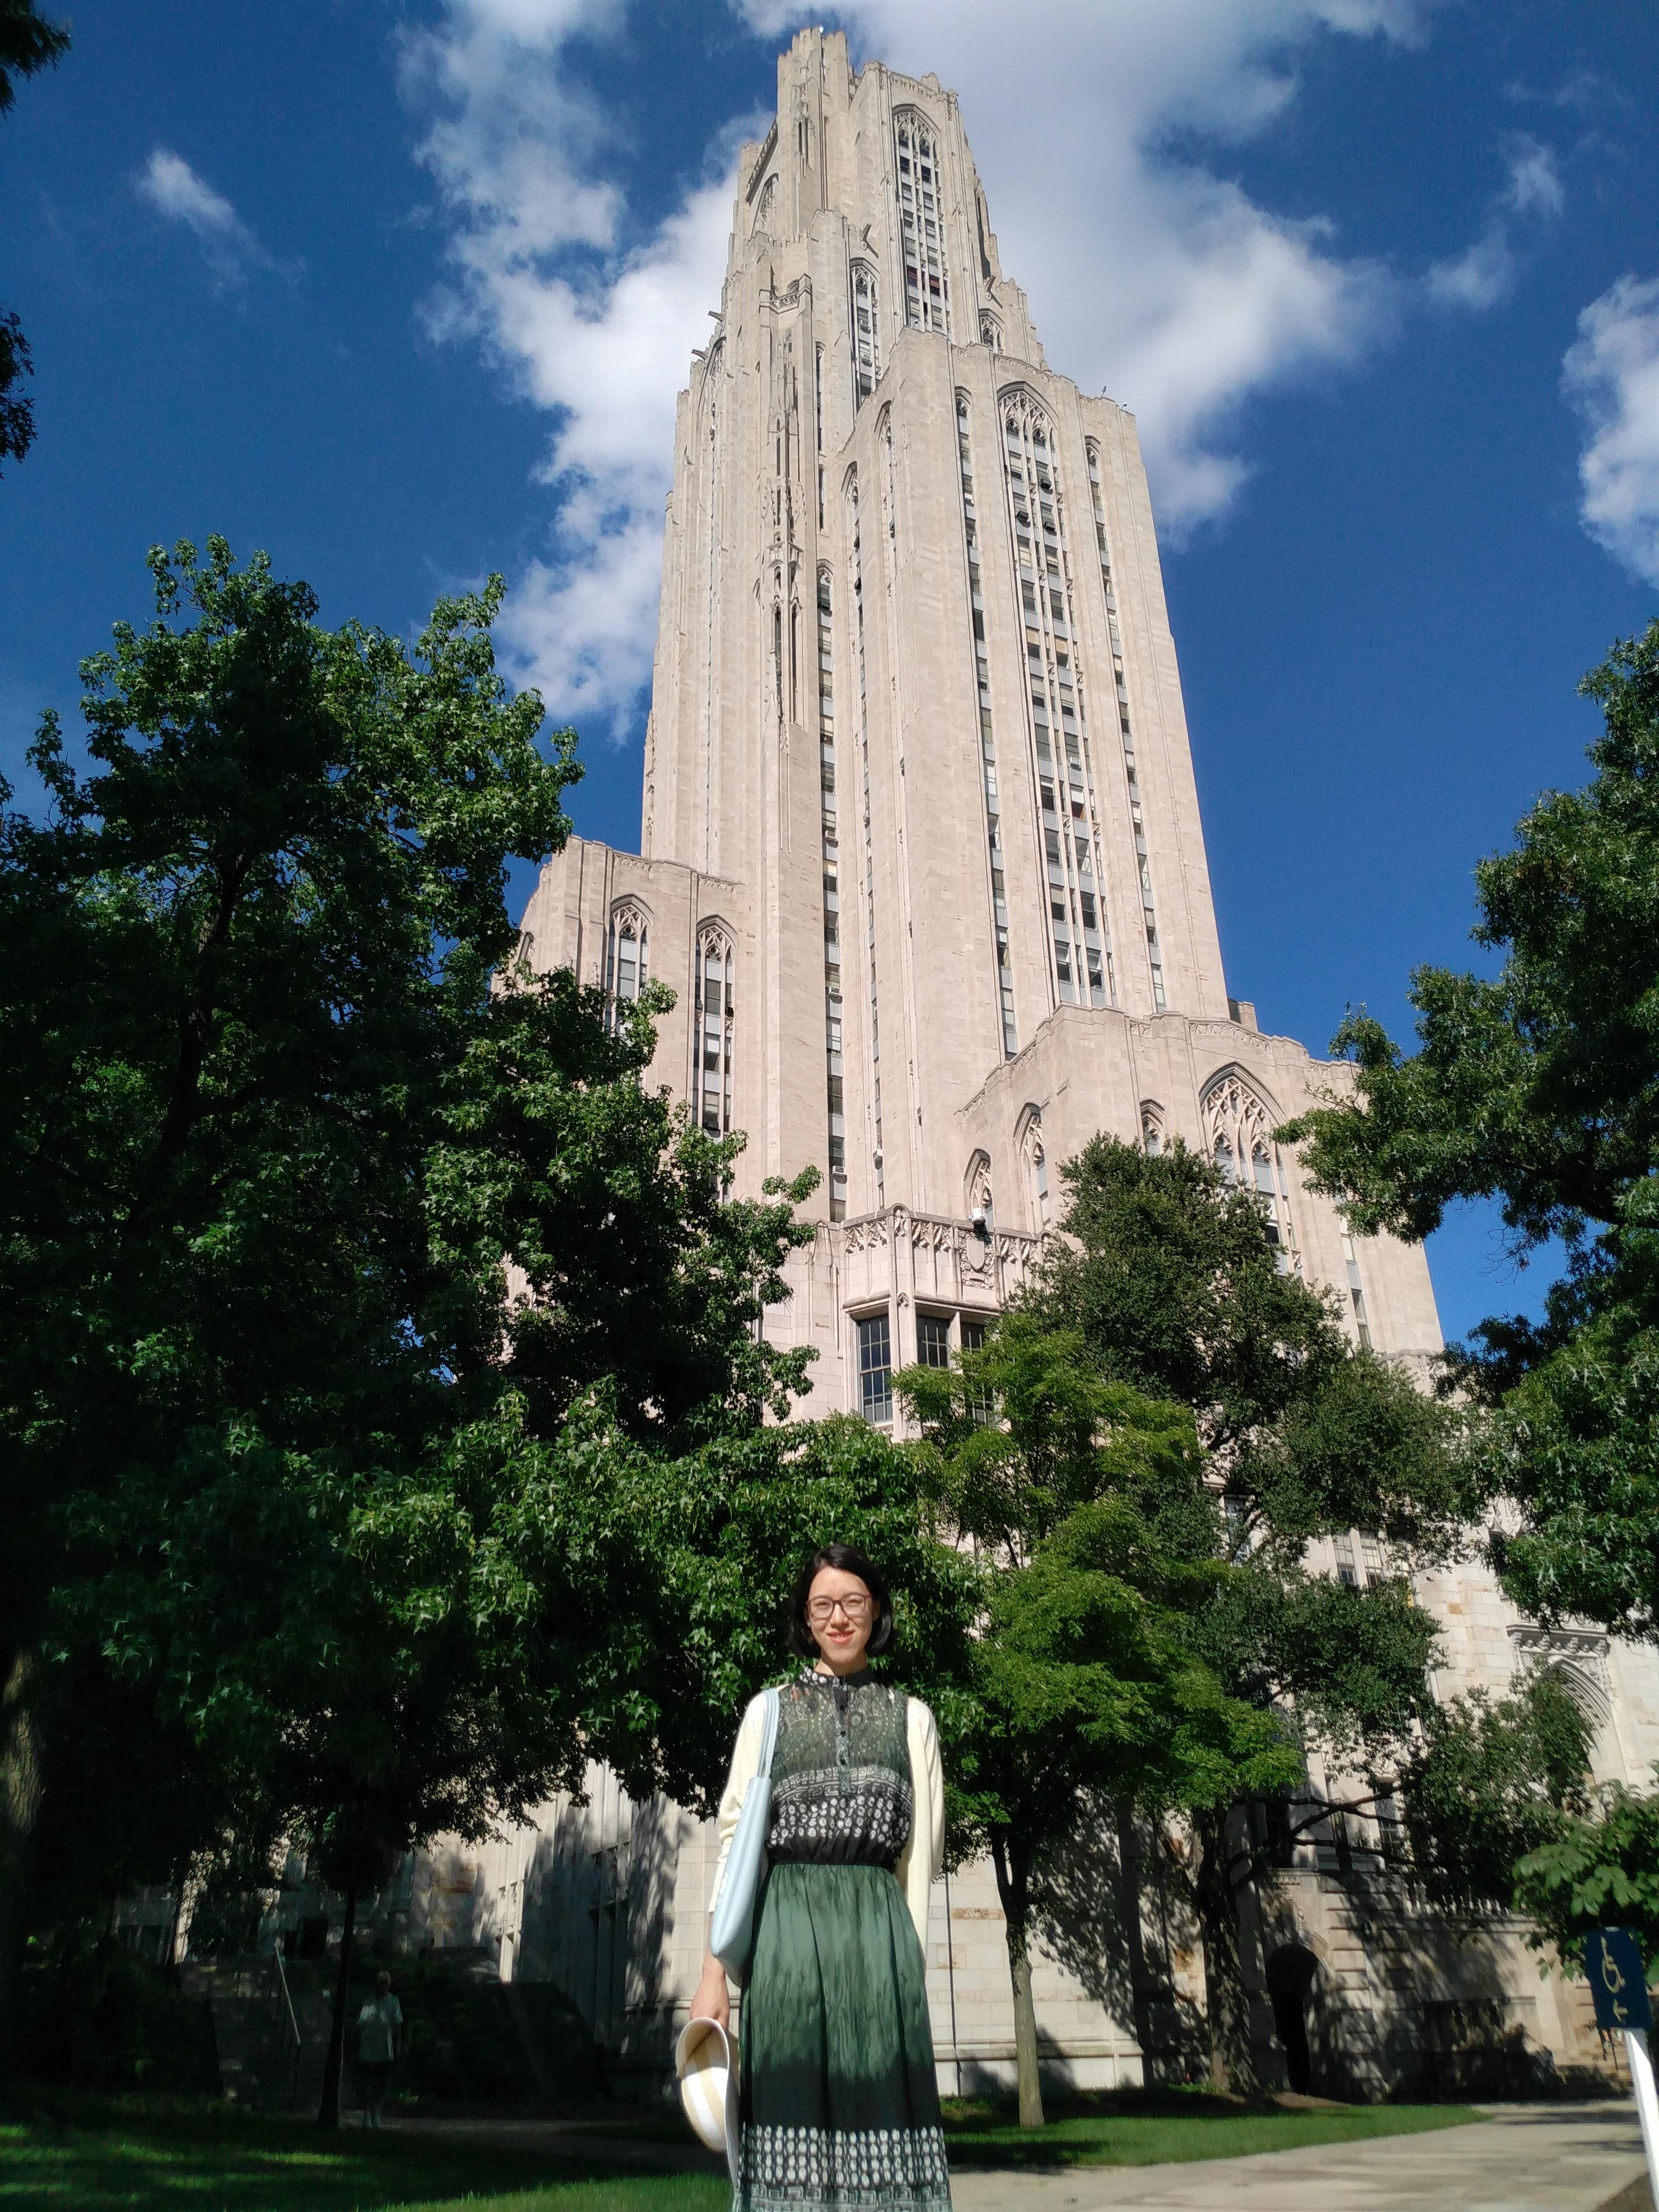 我在 Cathedral of Learning 前